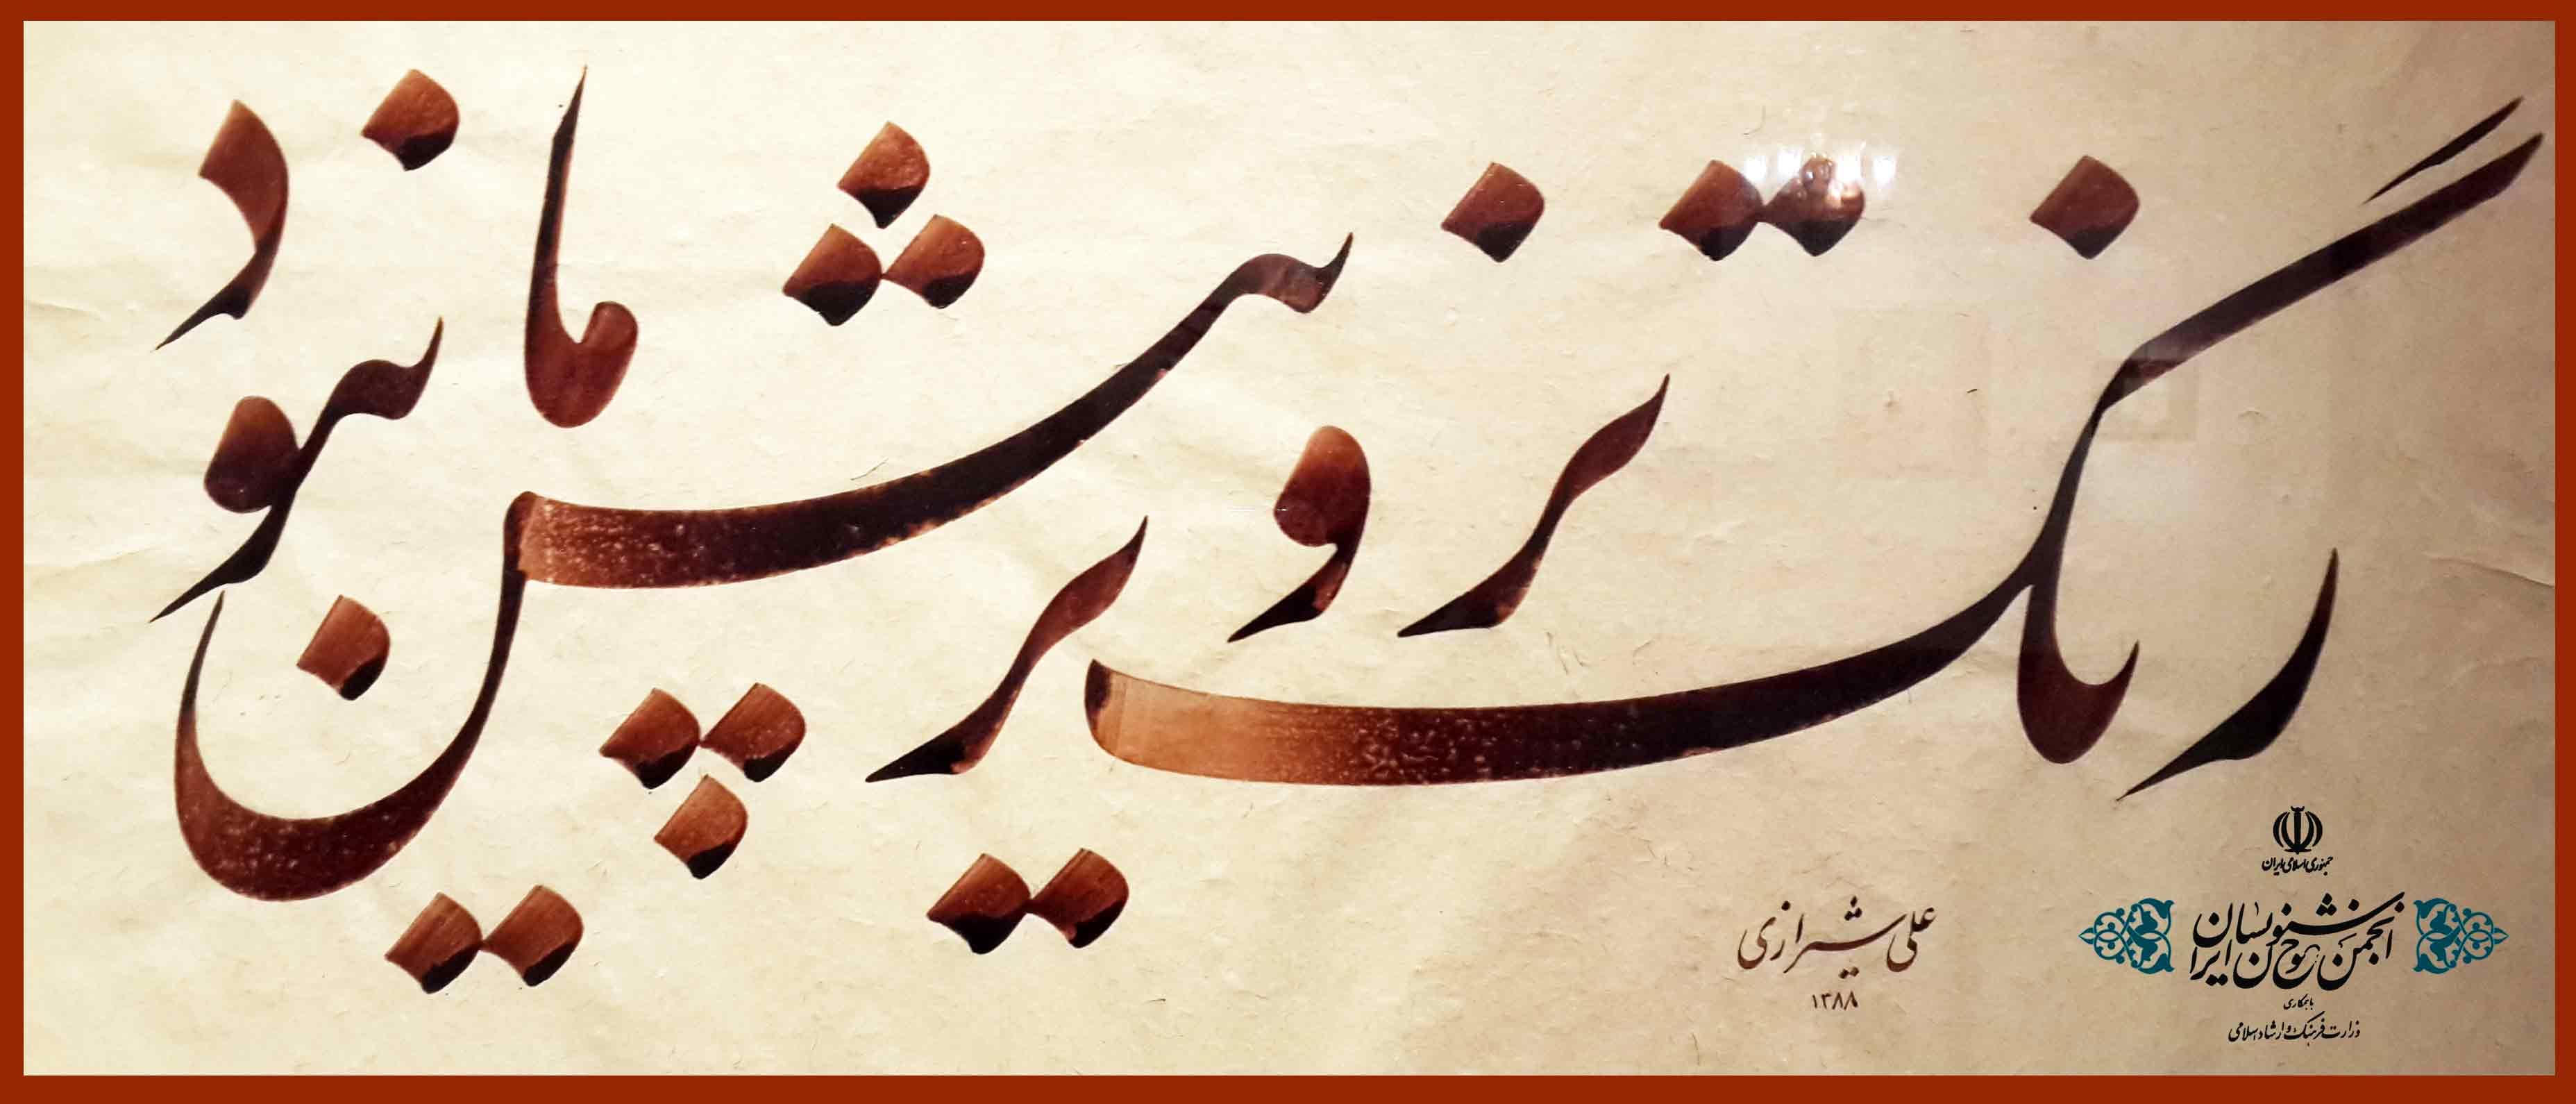 اثر زیبایی از استاد علی شیرازی